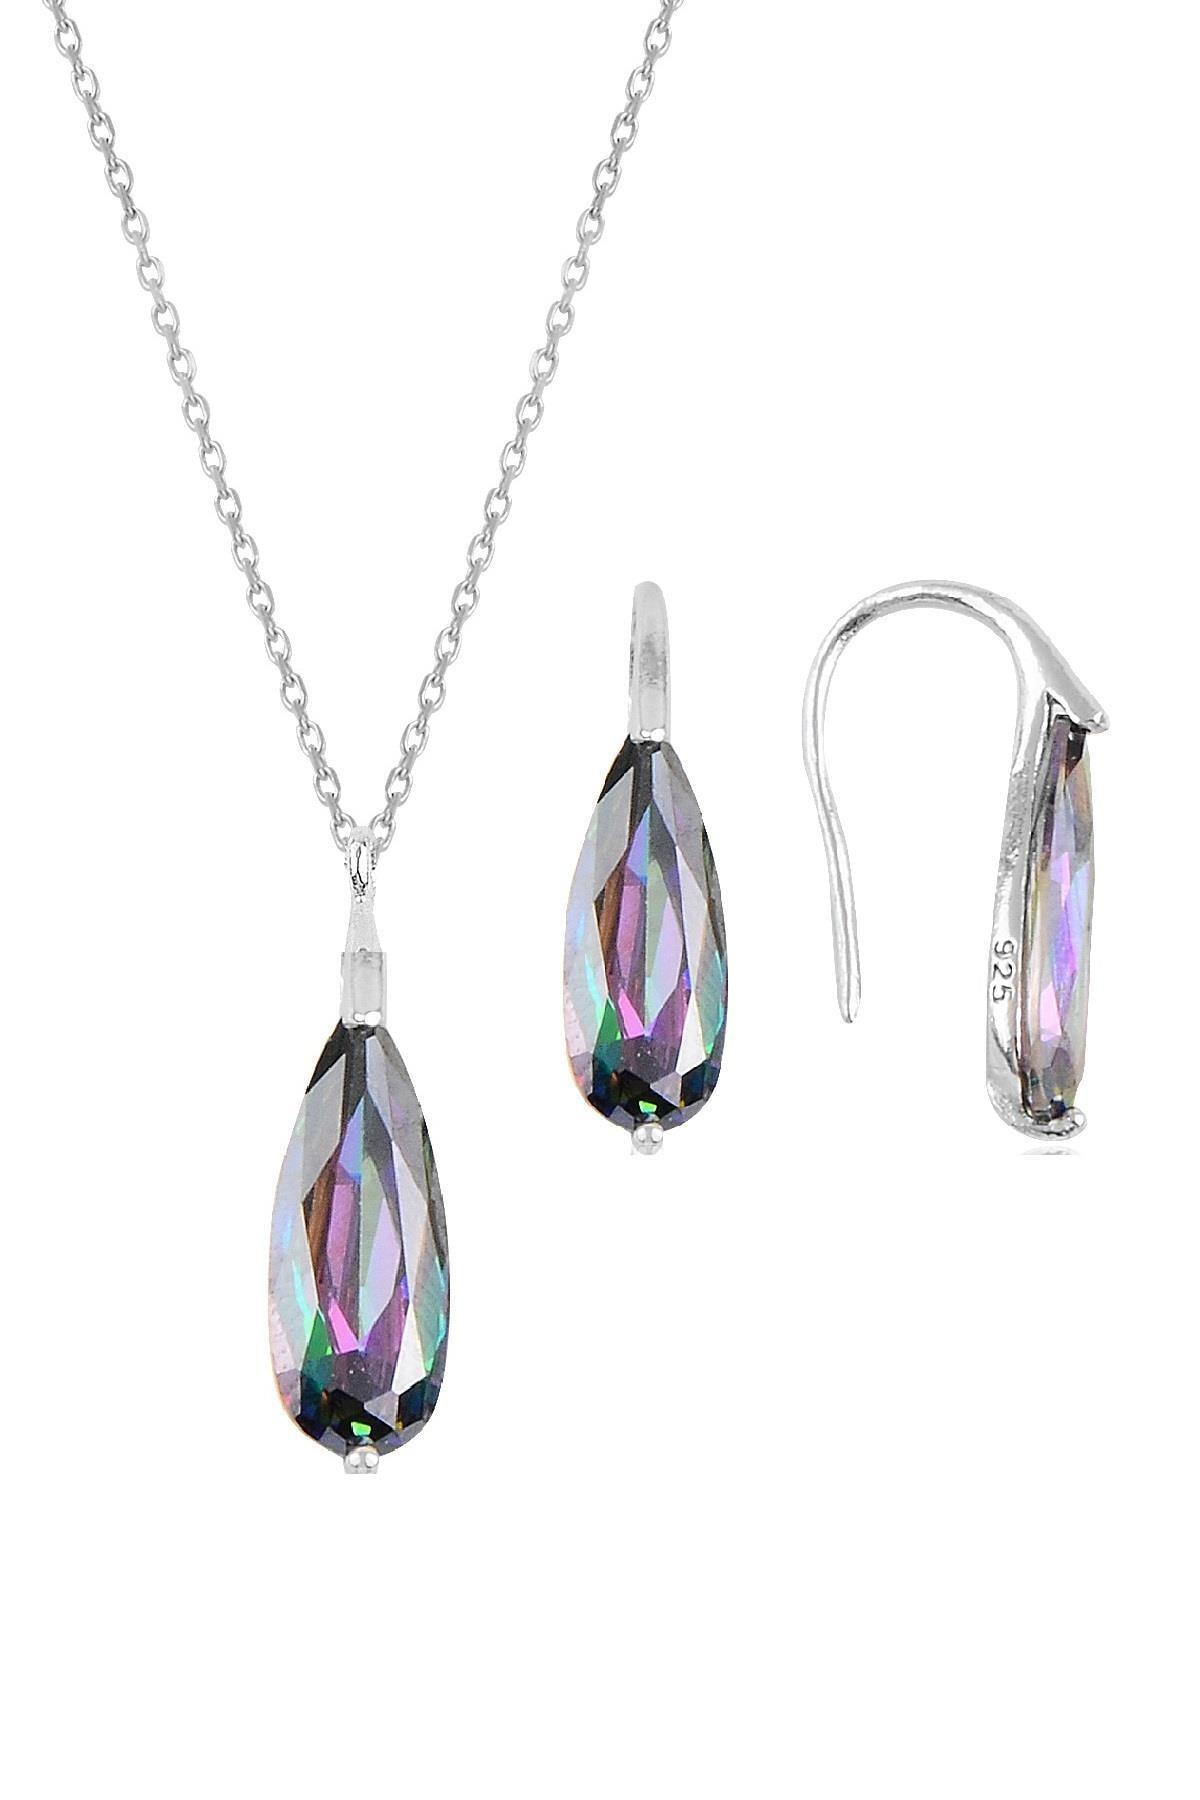 Söğütlü Silver Gümüş rodyumlu  mistik  taşlı damla kolye ve küpe ikili gümüş set